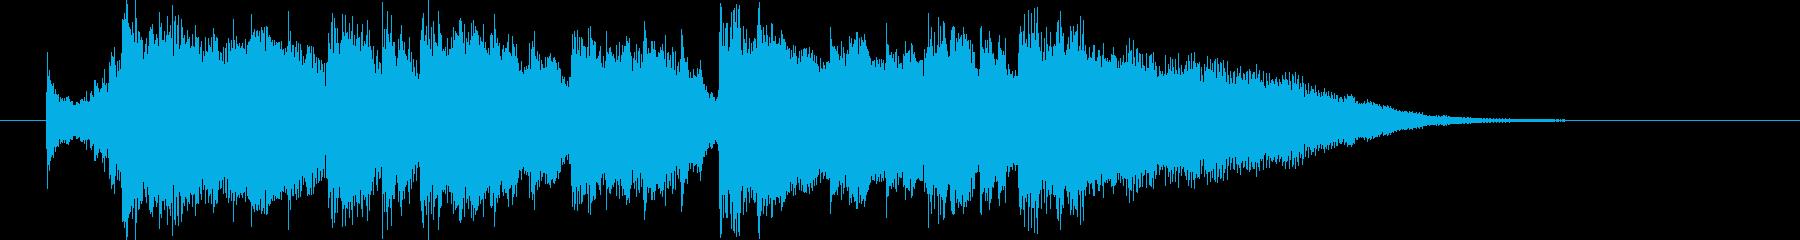 重厚で壮大な始まりの音楽の再生済みの波形